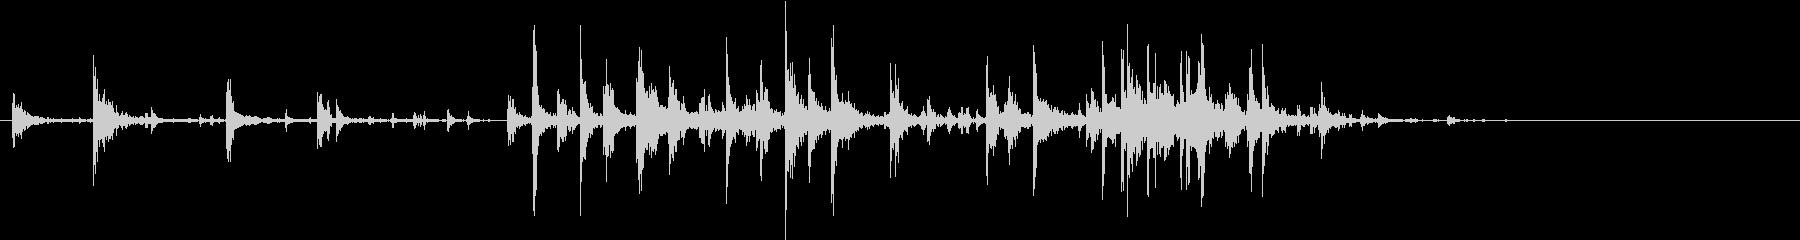 【生録音】米粒(生米)を取り出す音 5の未再生の波形